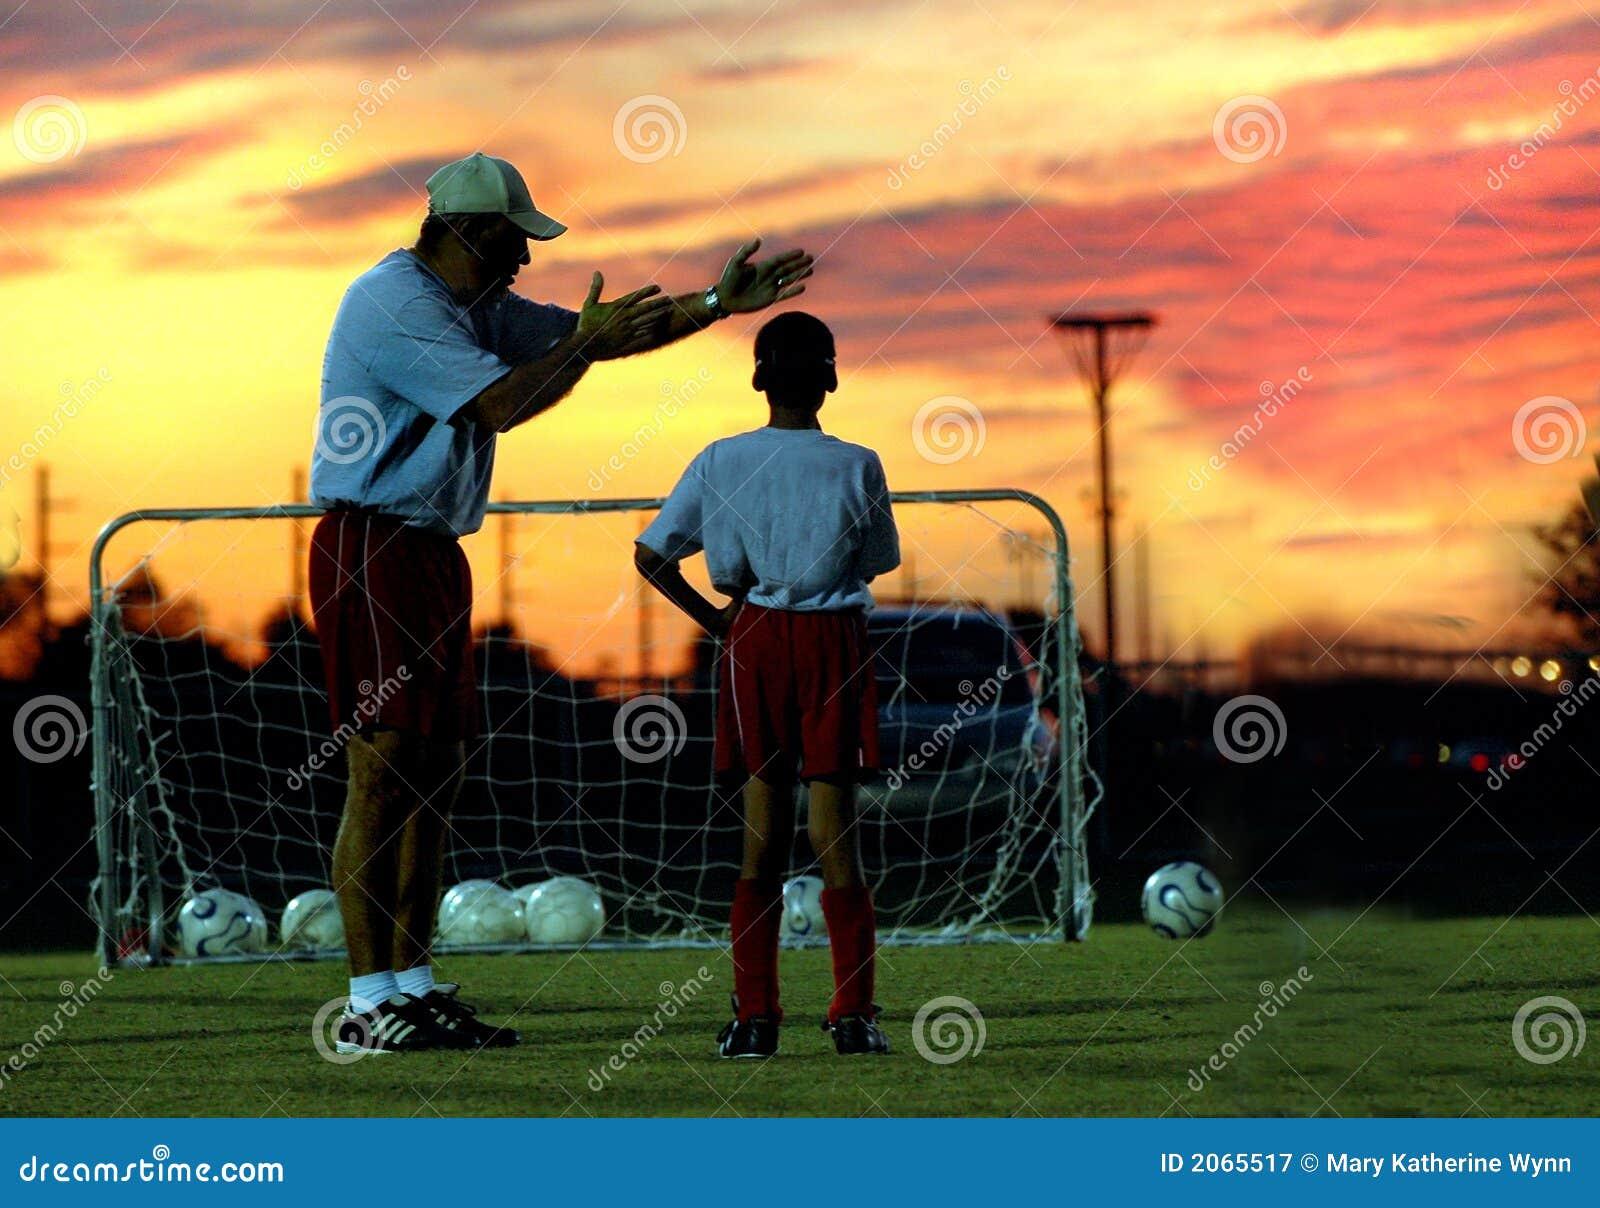 Le football donnant des leçons particulières au coucher du soleil